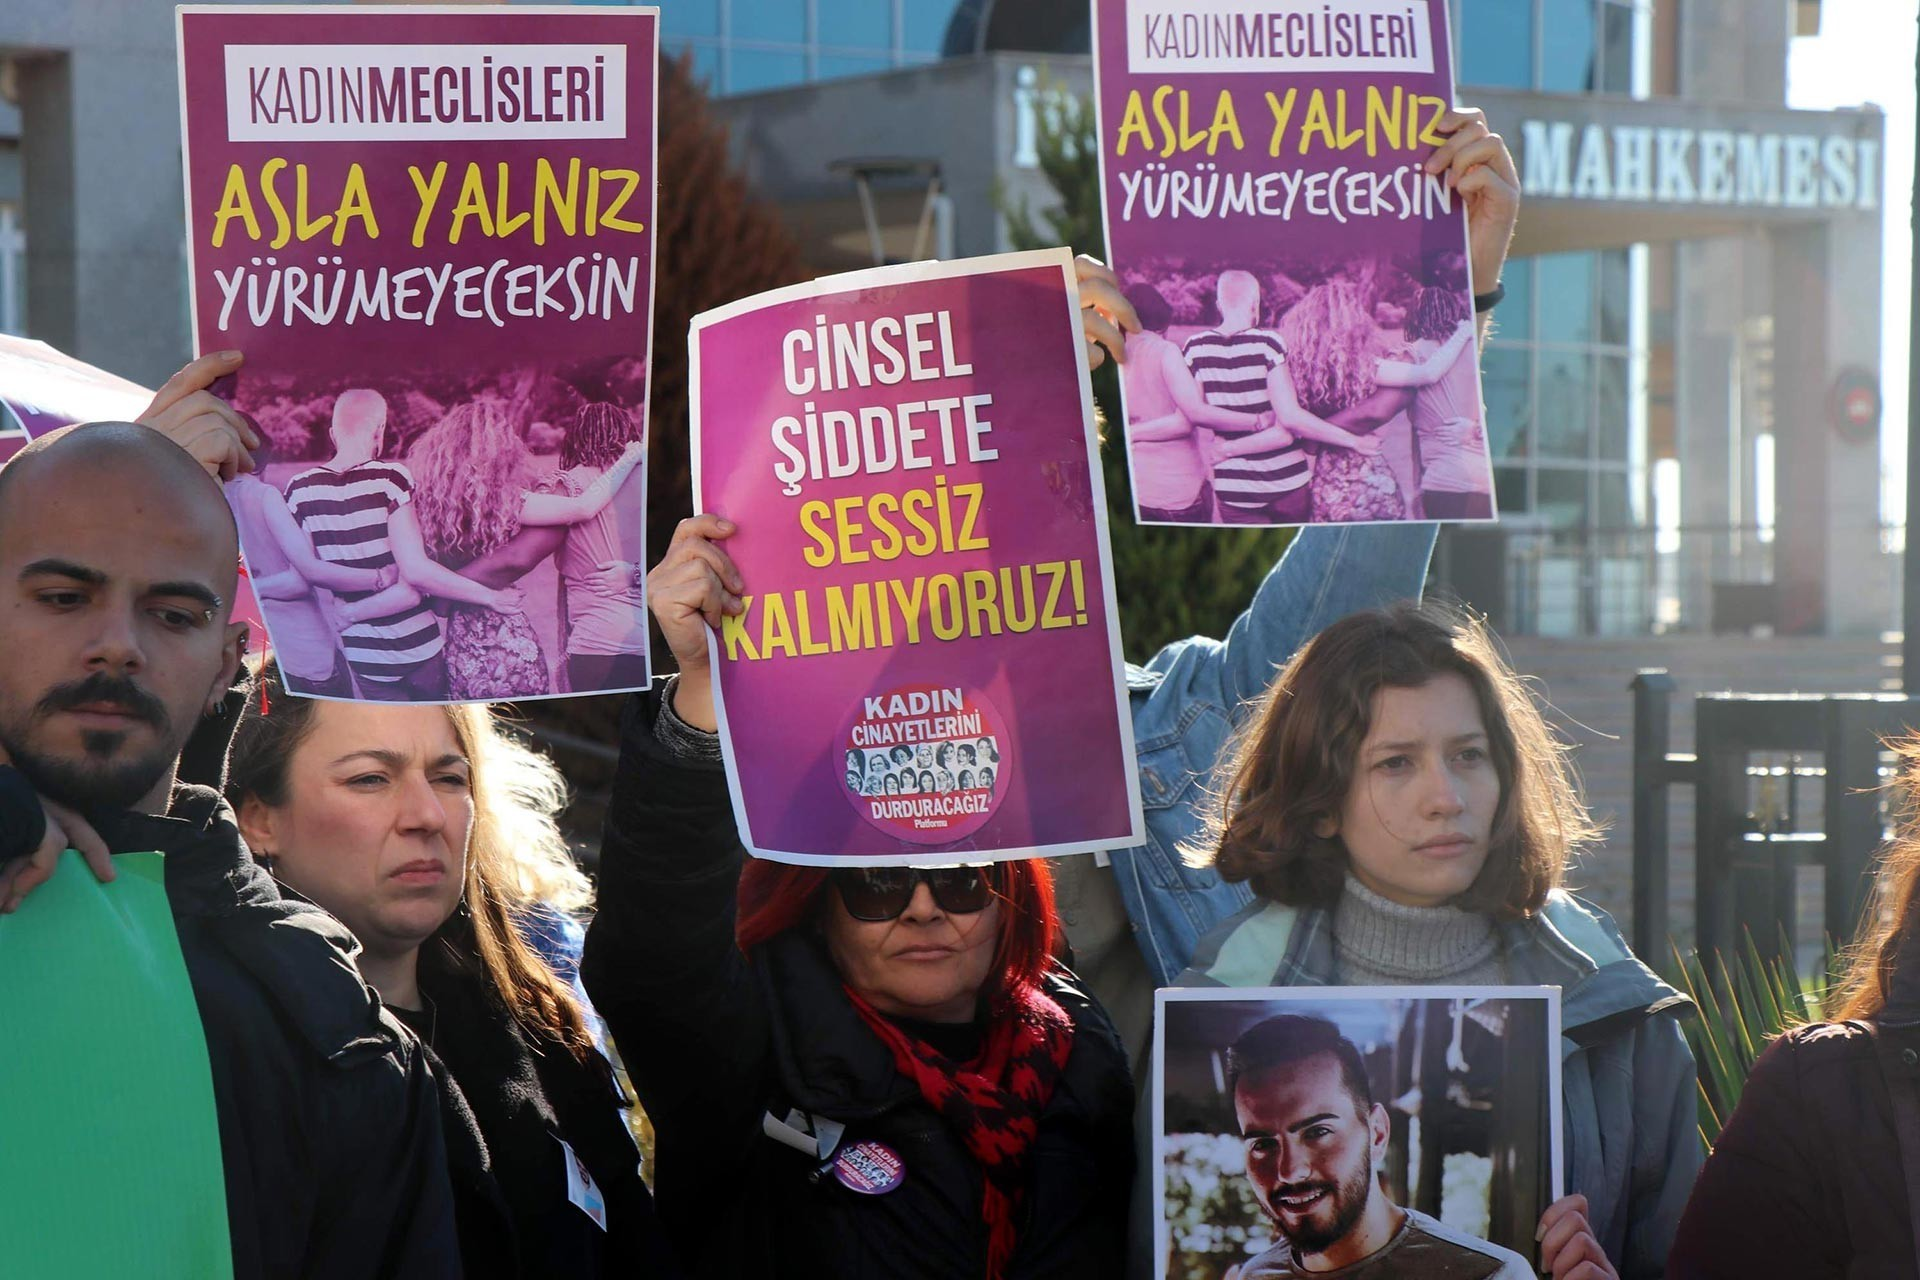 Edirne Adliyesi önünde yapılan açıklama esnasında 'Asla yalnız yürümeyeceksin' ve 'Cinsel şiddete sessiz kalmıyoruz' yazılı dövizleri tutan kadınlar